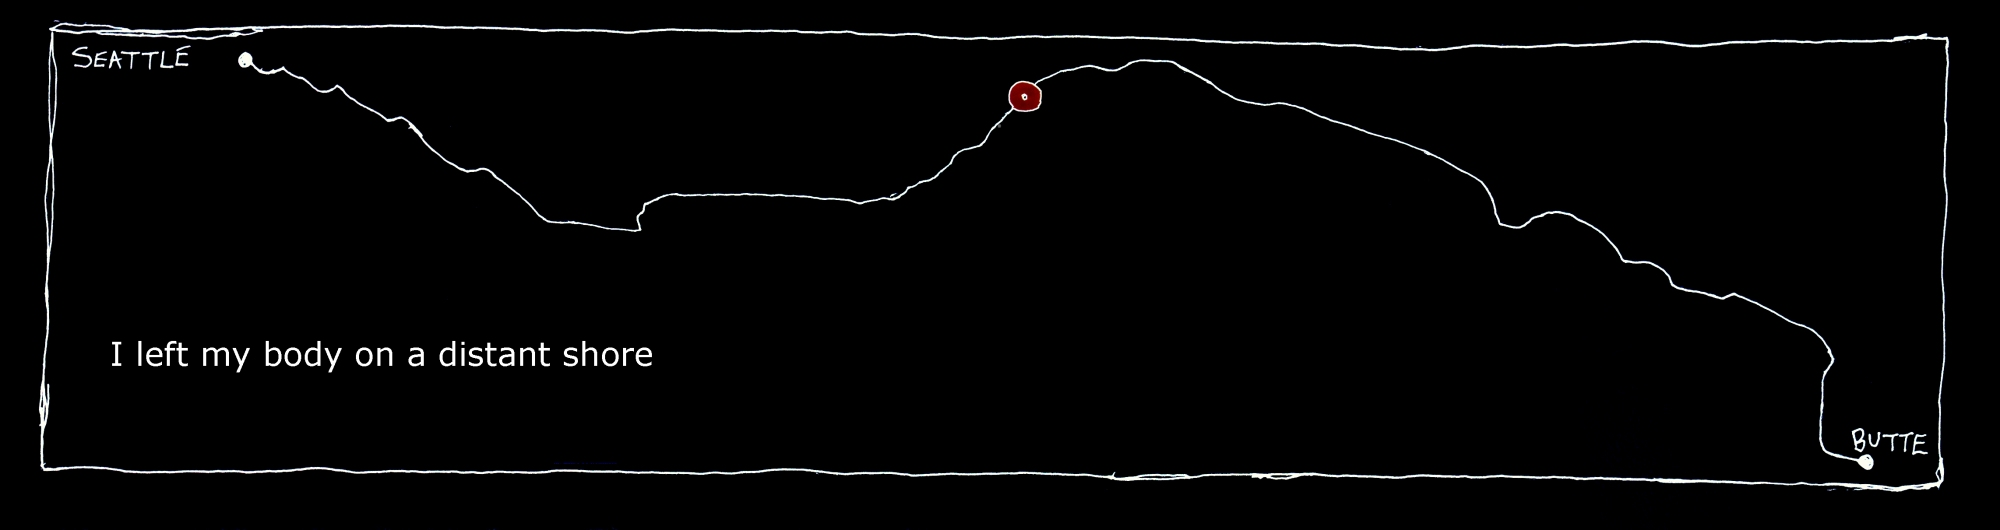 288 map black